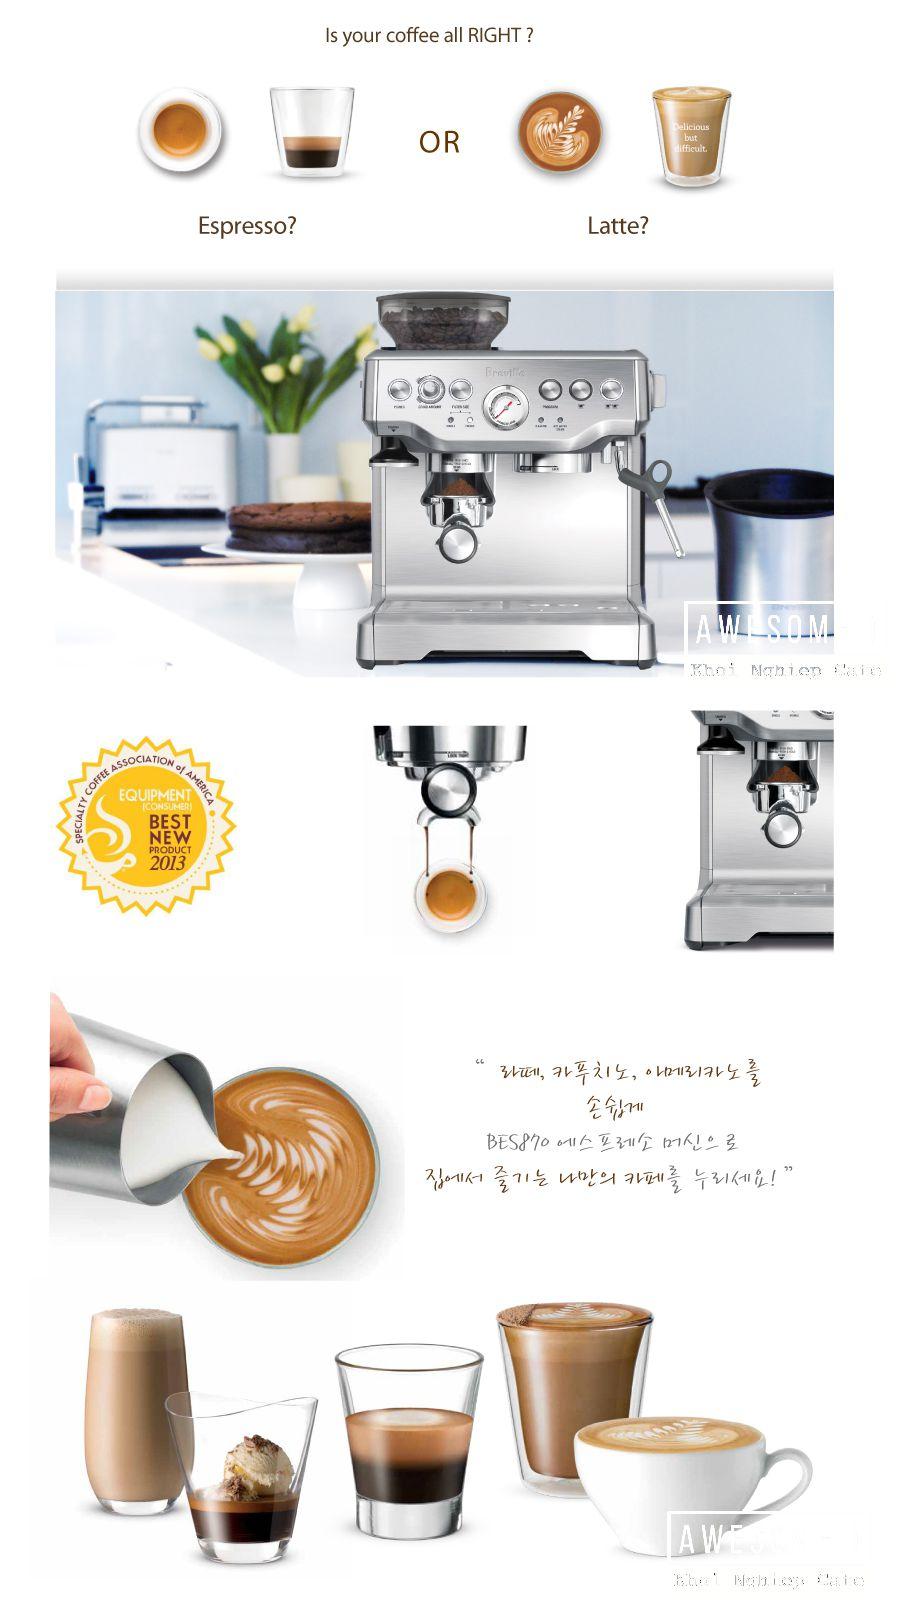 z[khoinghiepcafe.com] máy pha cafe espresso breville 870xl 2